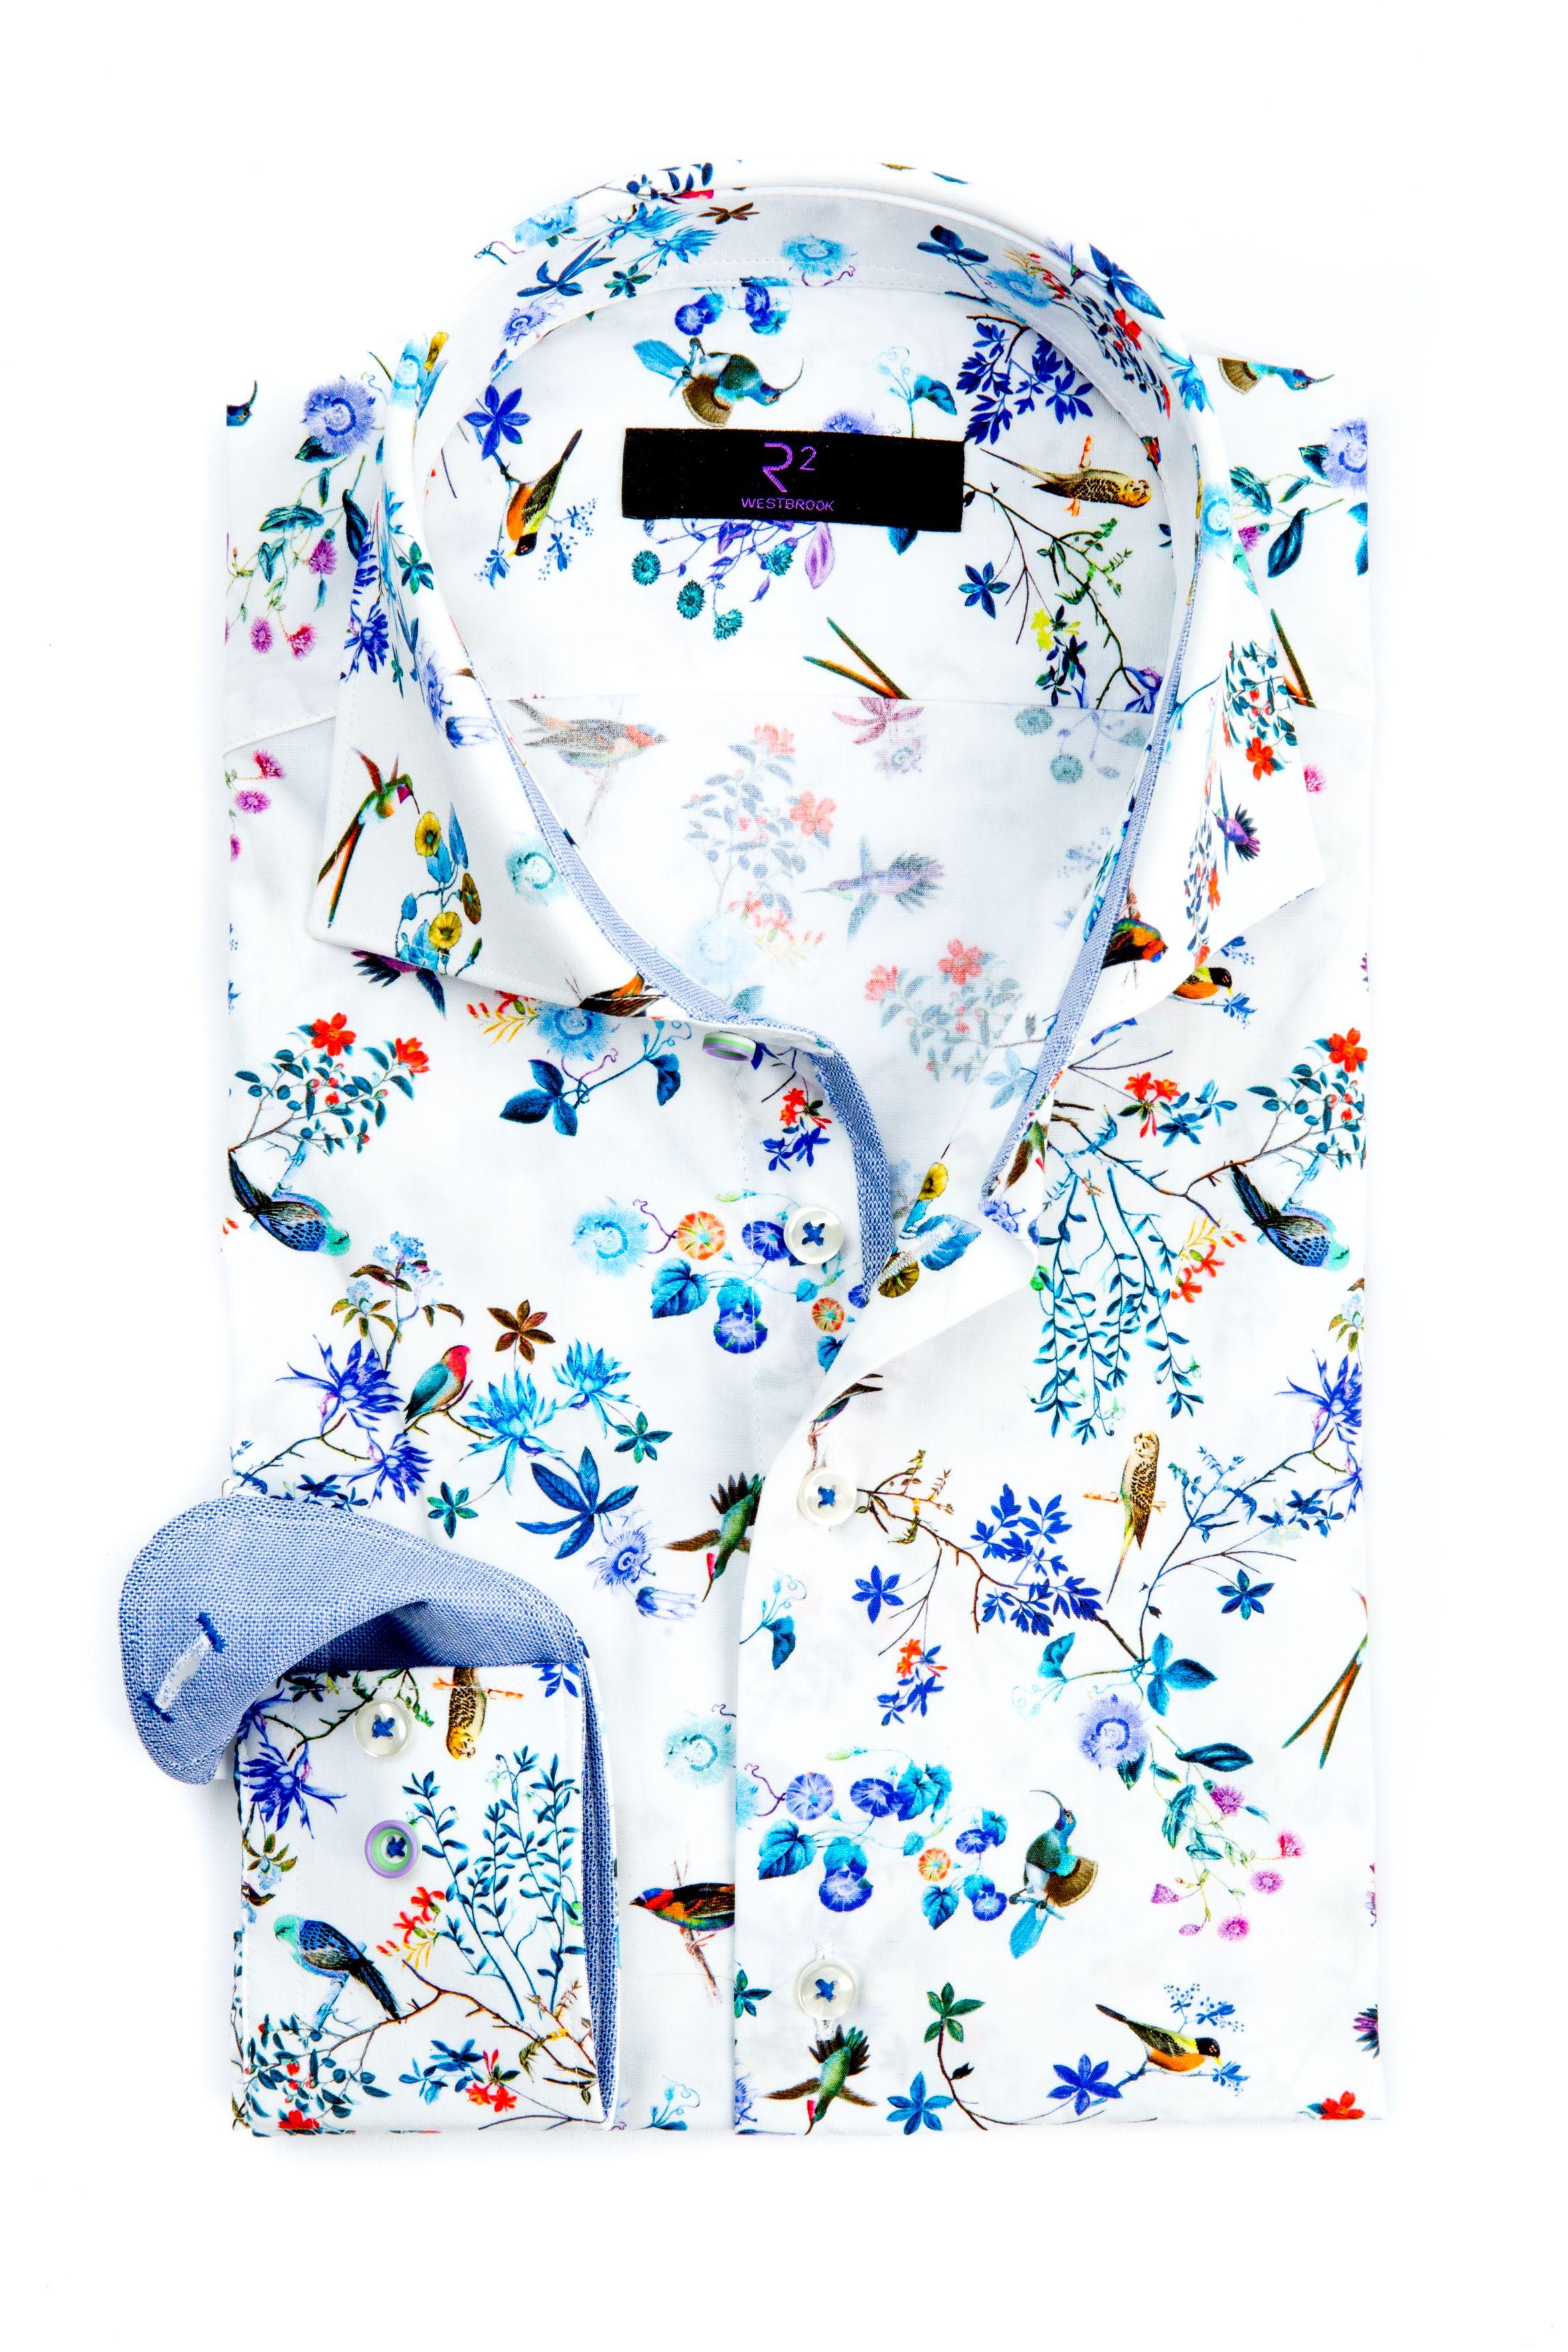 Win een overhemd van R2! Doe jij mee? 1. Volg R2 Westbrook op Pinterest 2. Maak een bord aan genaamd: Win R2 Shirt 3. Pin jouw favoriete items vanaf onze webshop 4. Richt jouw bord helemaal in naar jouw smaak 5. Maak kans op een gratis overhemd van R2!